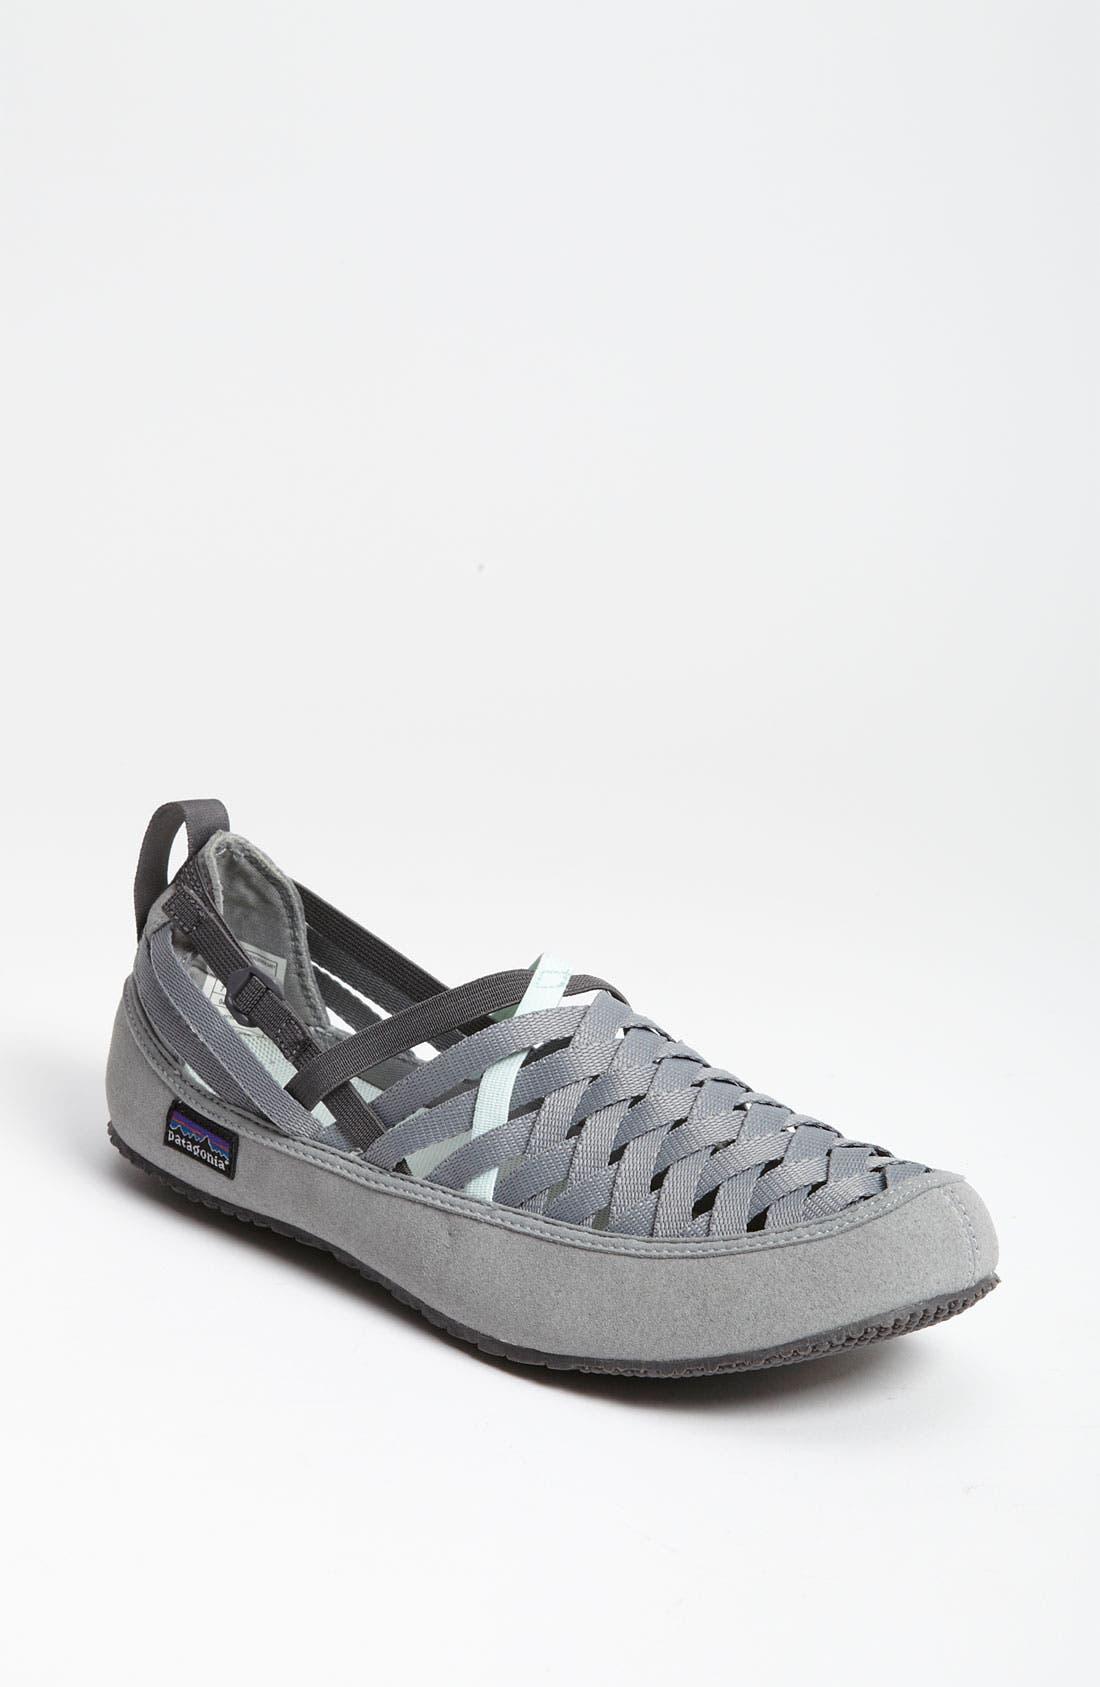 Alternate Image 1 Selected - Patagonia 'Advocate - Lattice' Sneaker